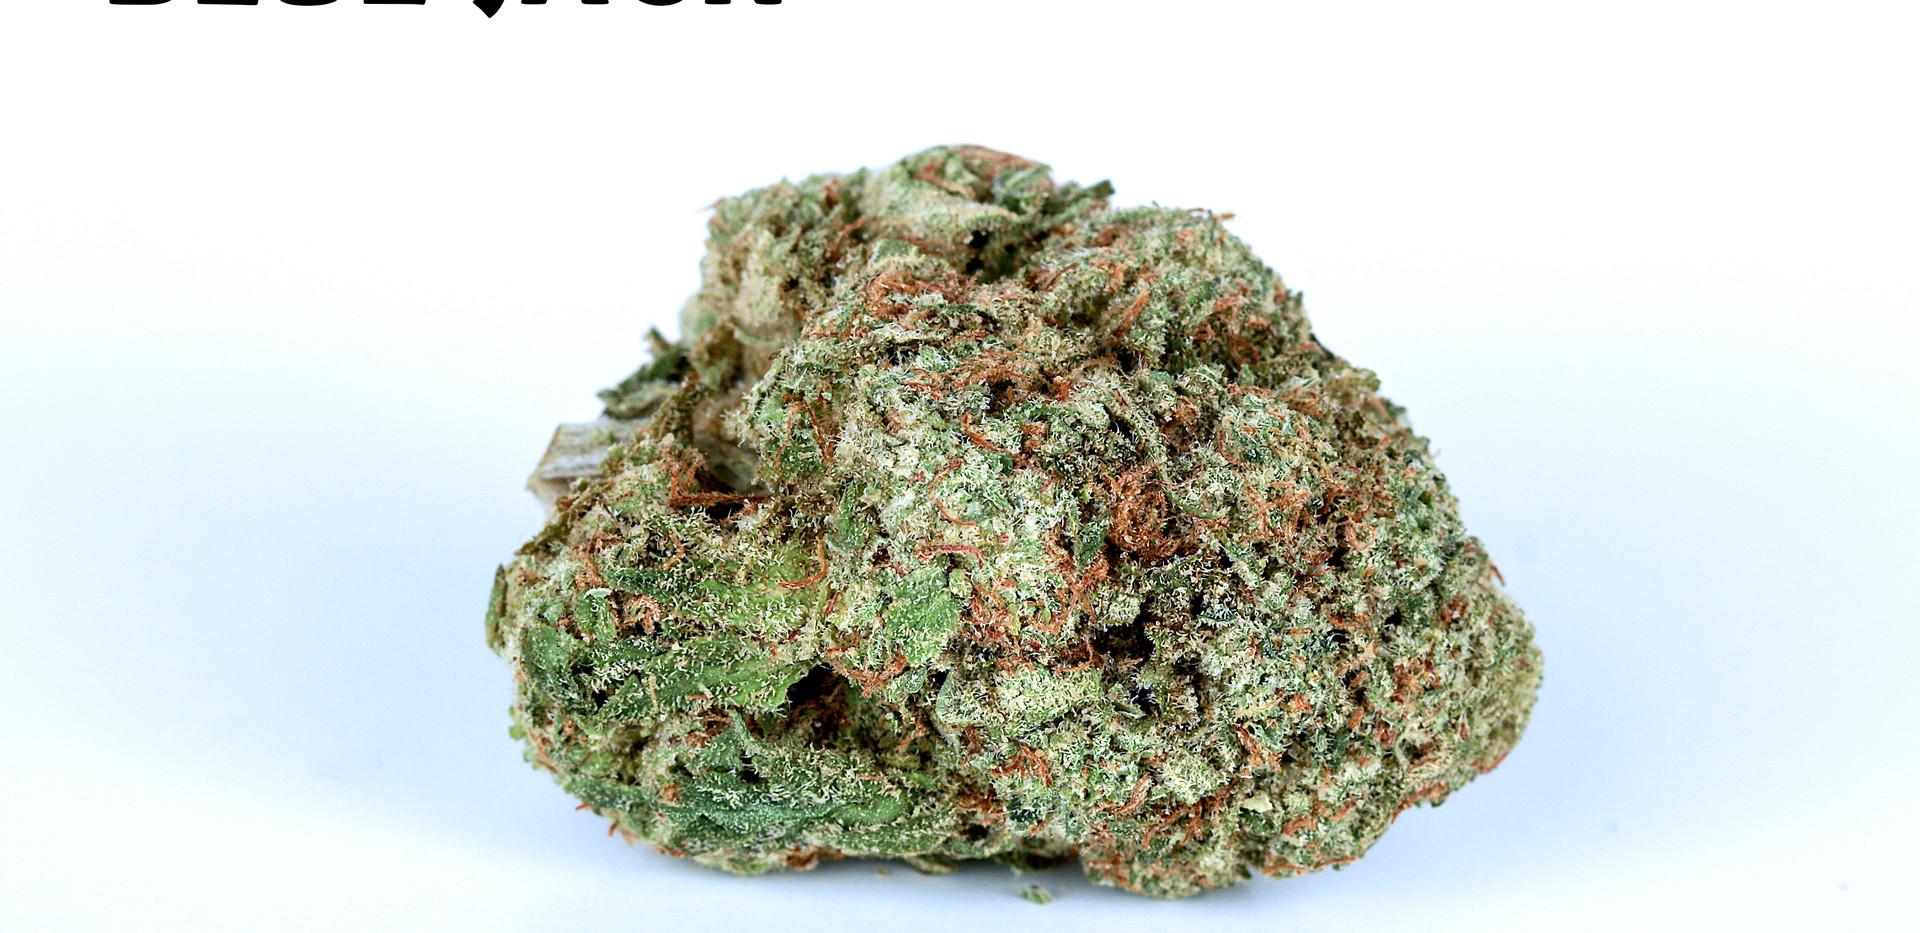 Weed Blue Jack5.jpg